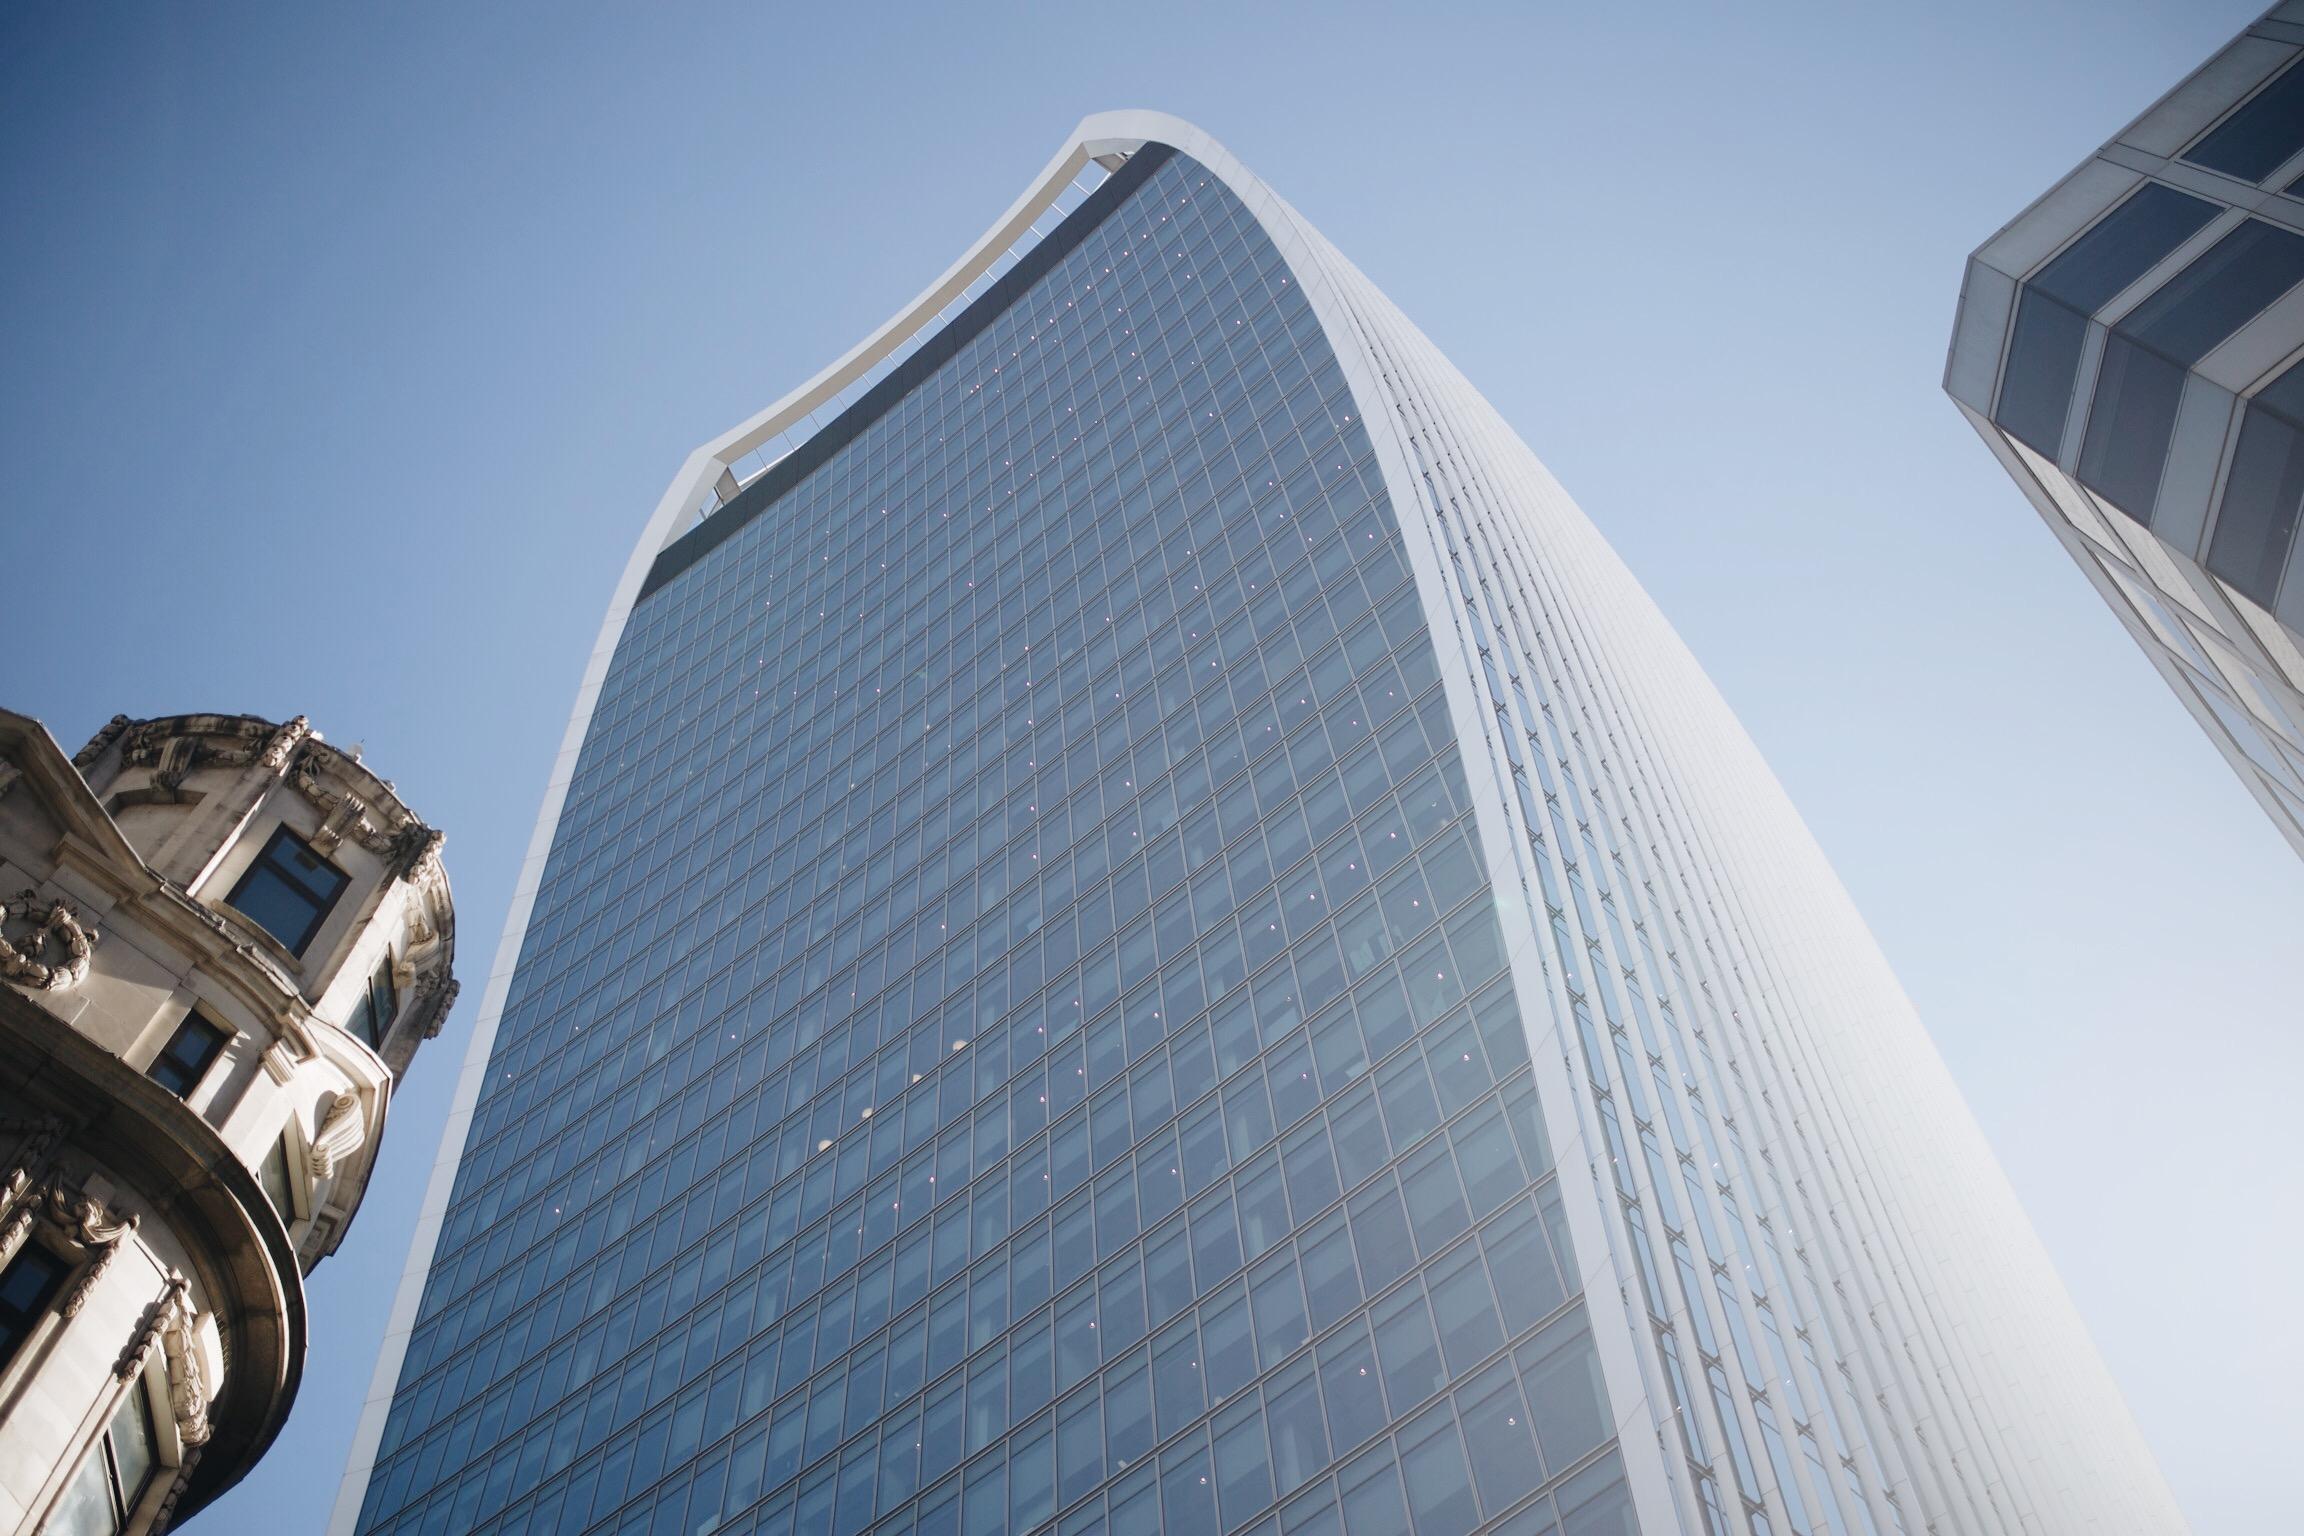 Skygarden-walkie-talkie-tower-londres-que-voir.JPG